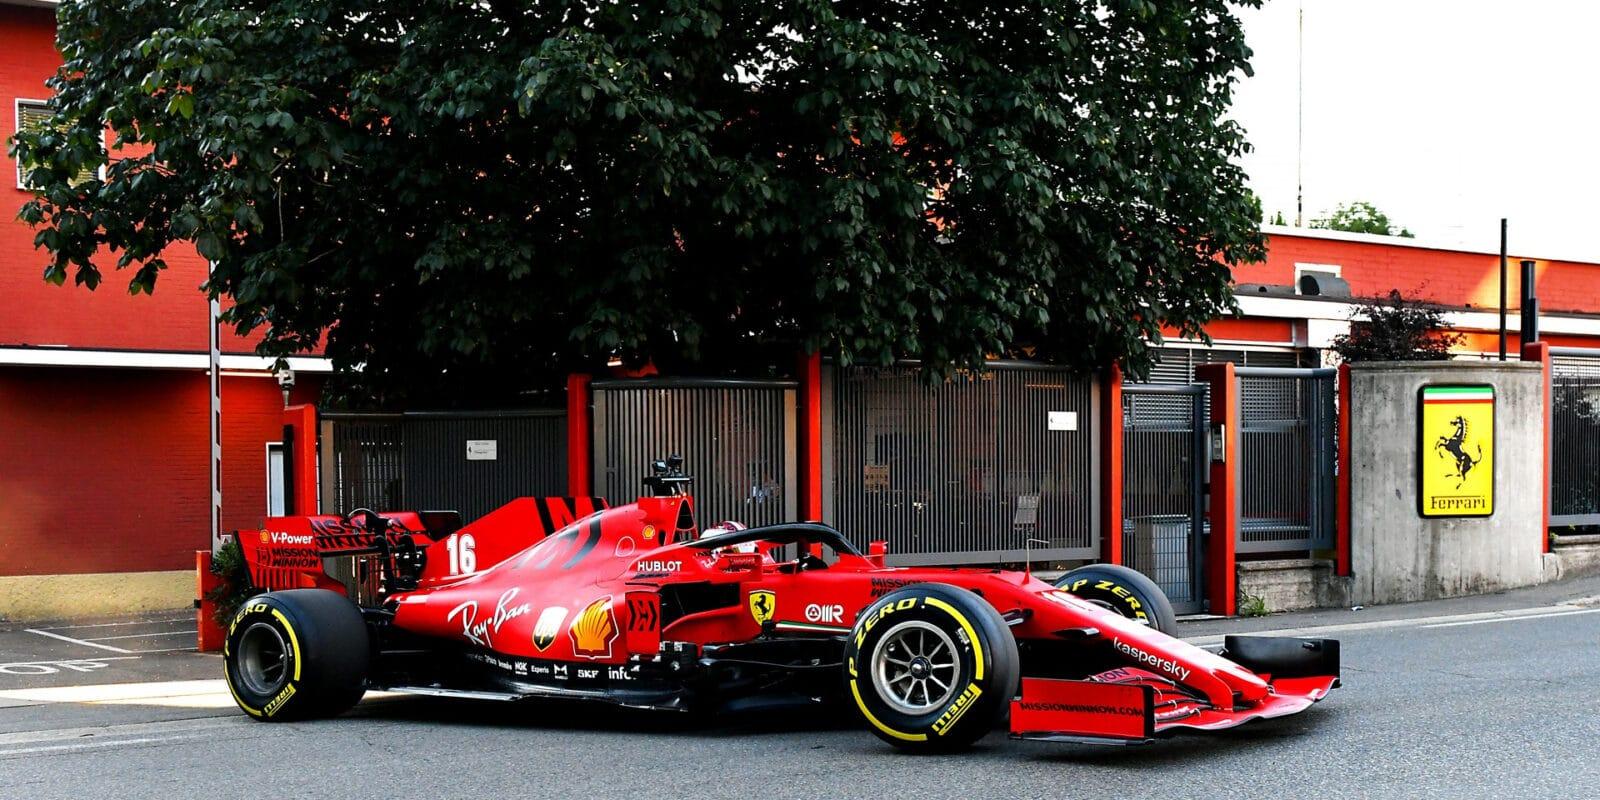 Leclerc probudil místní, projel se po ulicích Maranella